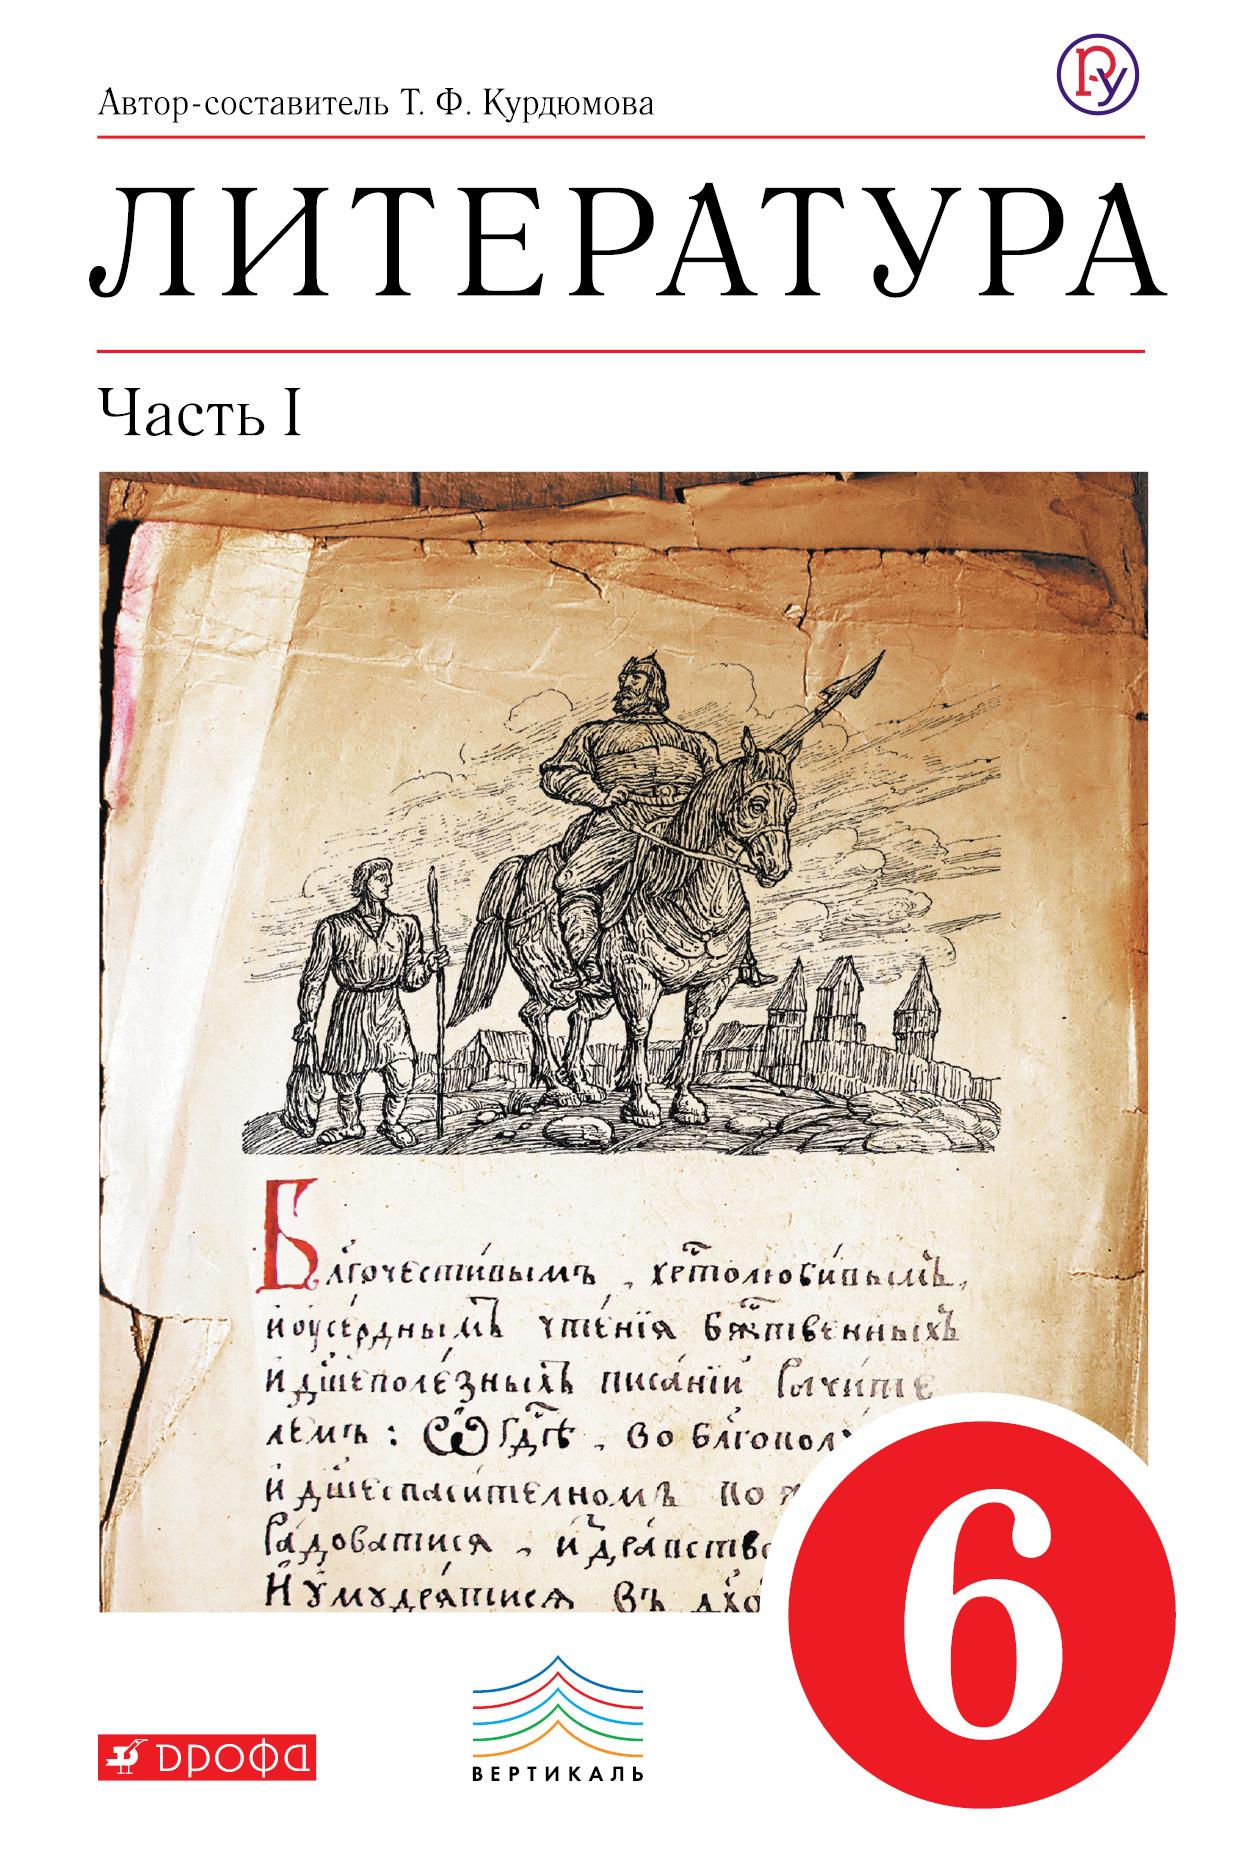 Курдюмова Т.Ф. Литература. 6 класс. Учебник-хрестоматия. Часть 1